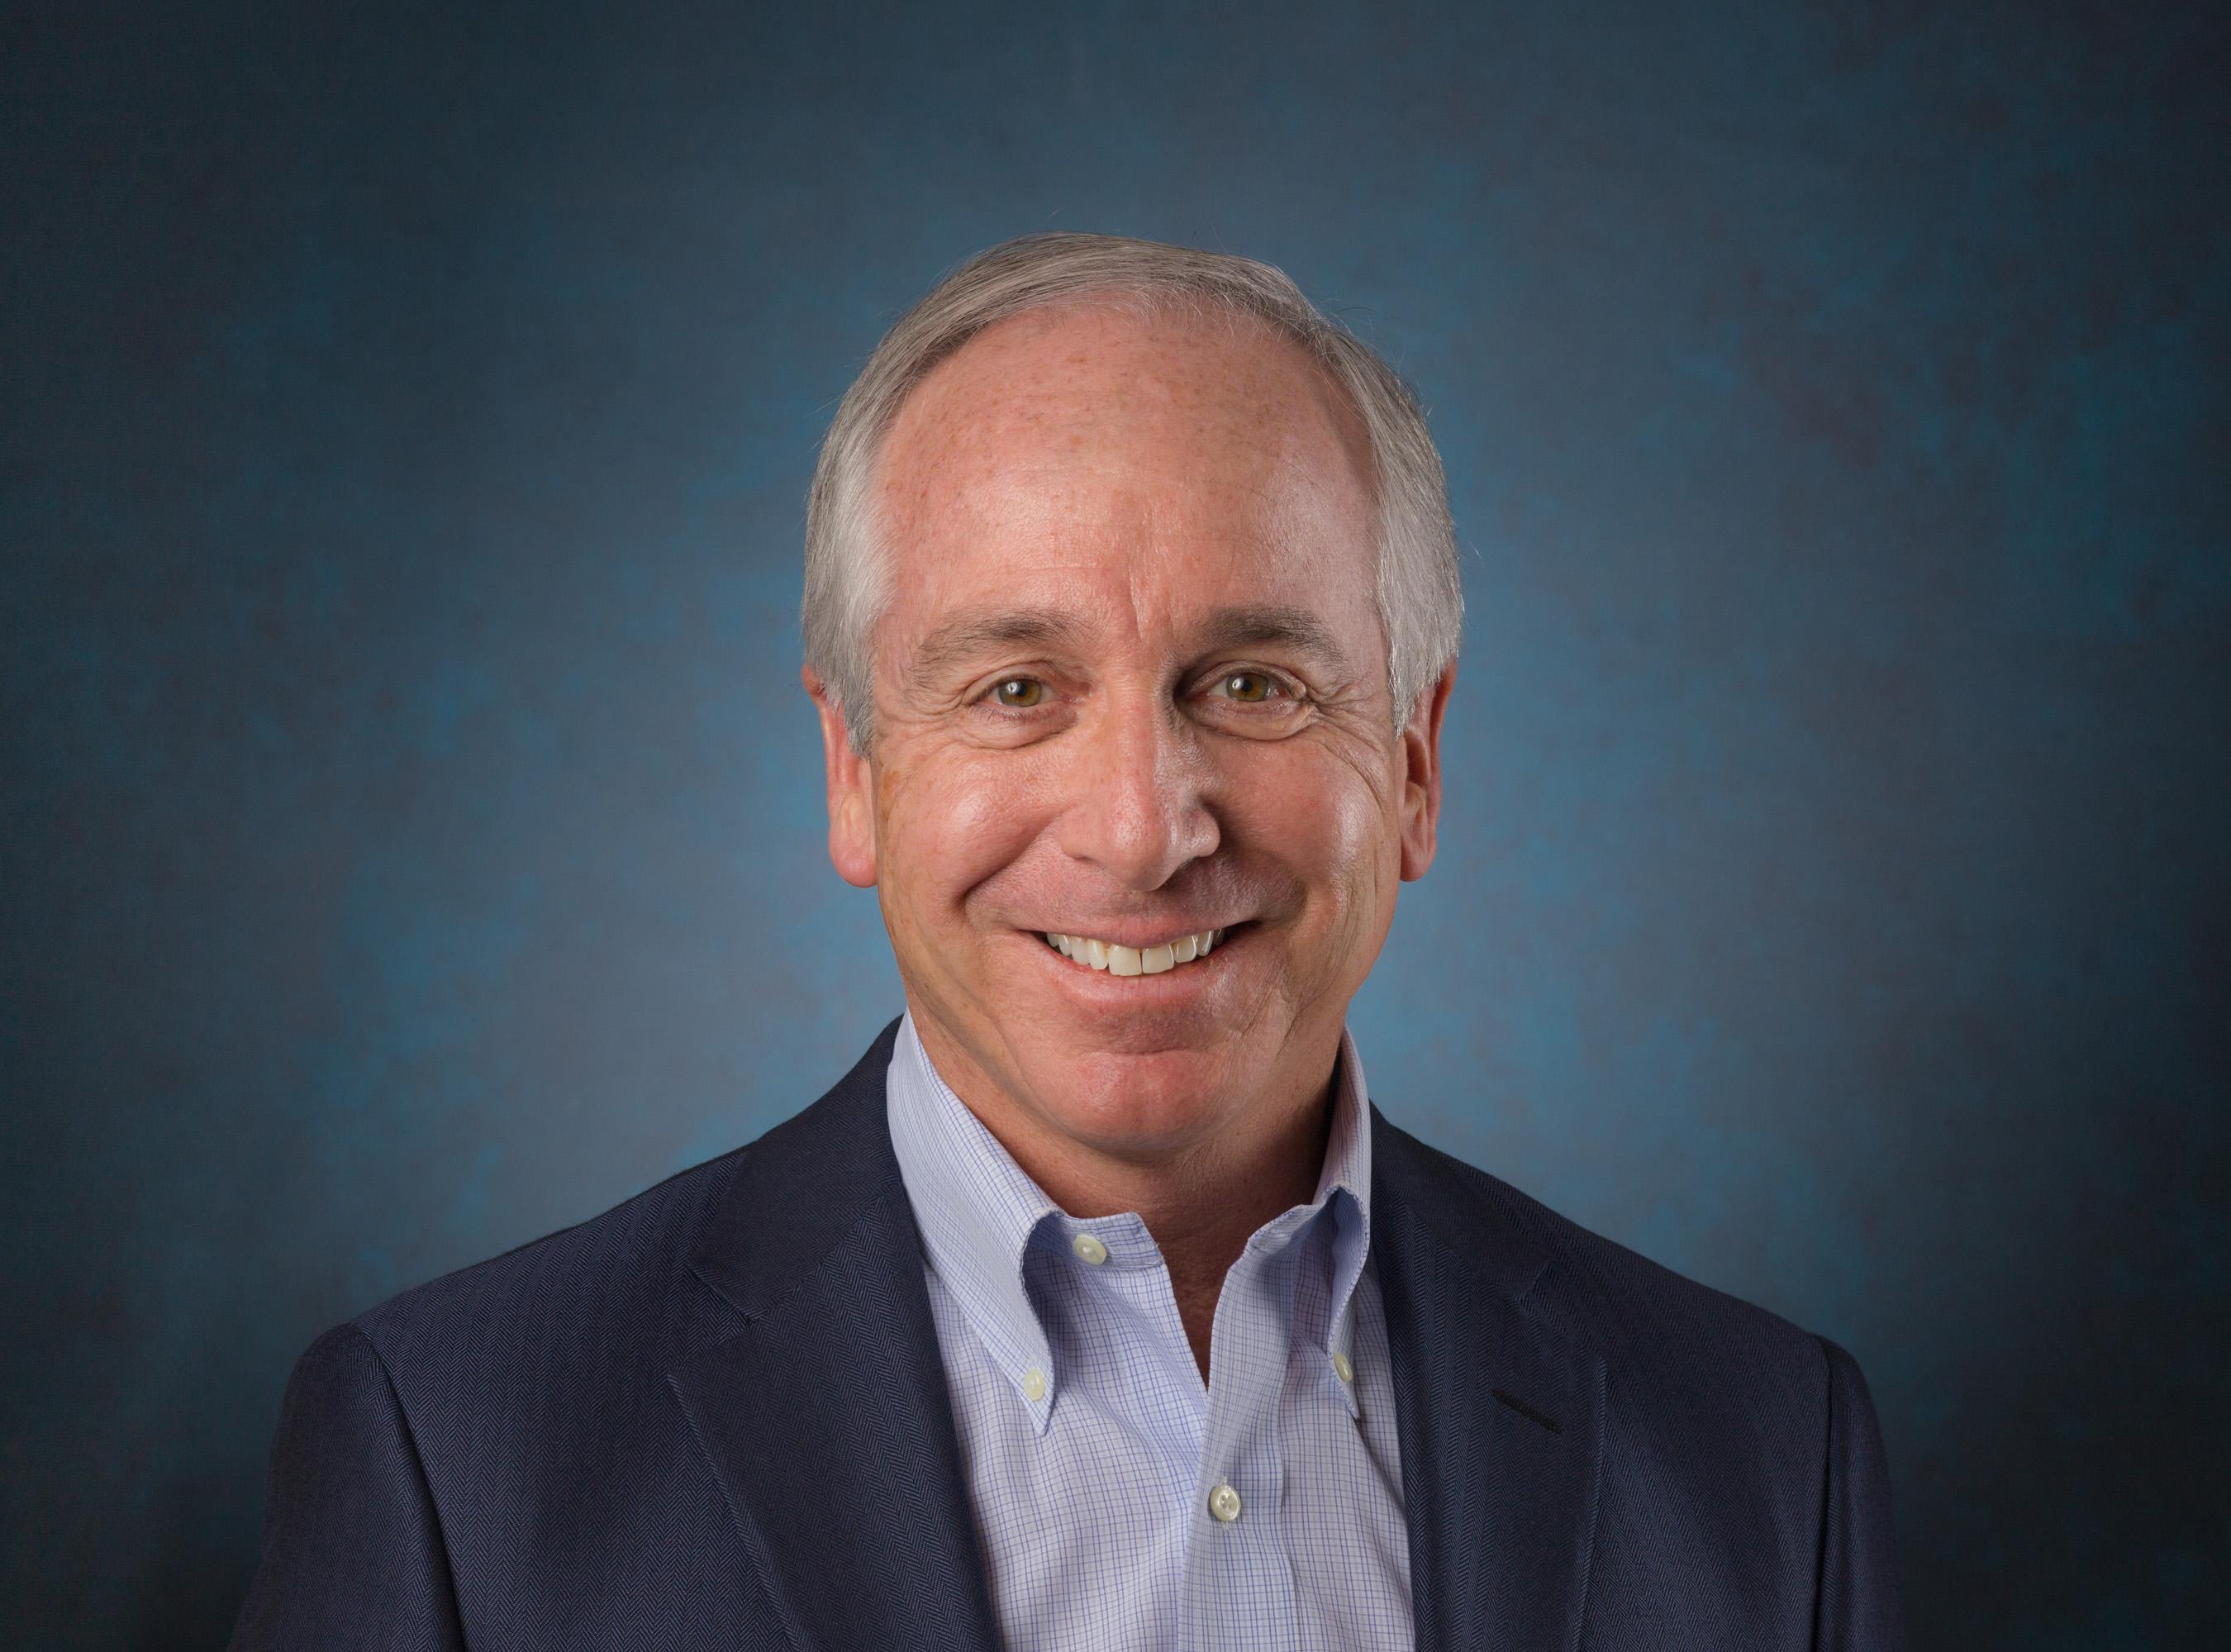 Robert Half senior executive director Paul McDonald